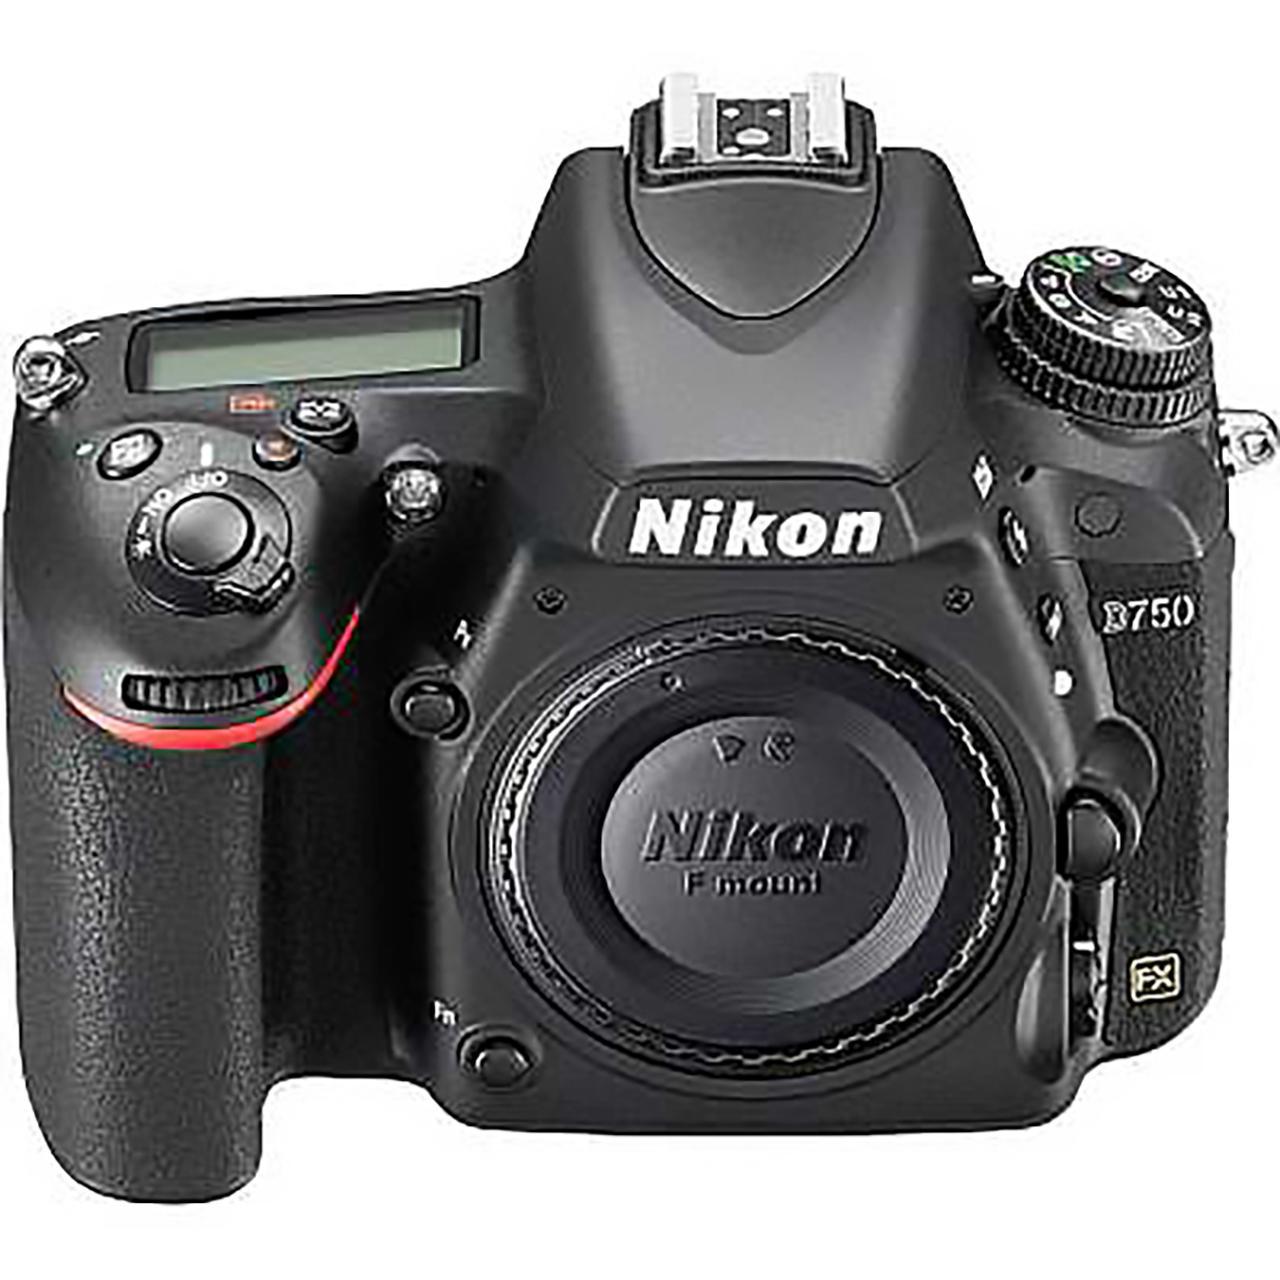 Nikon D750 DSLR camera view